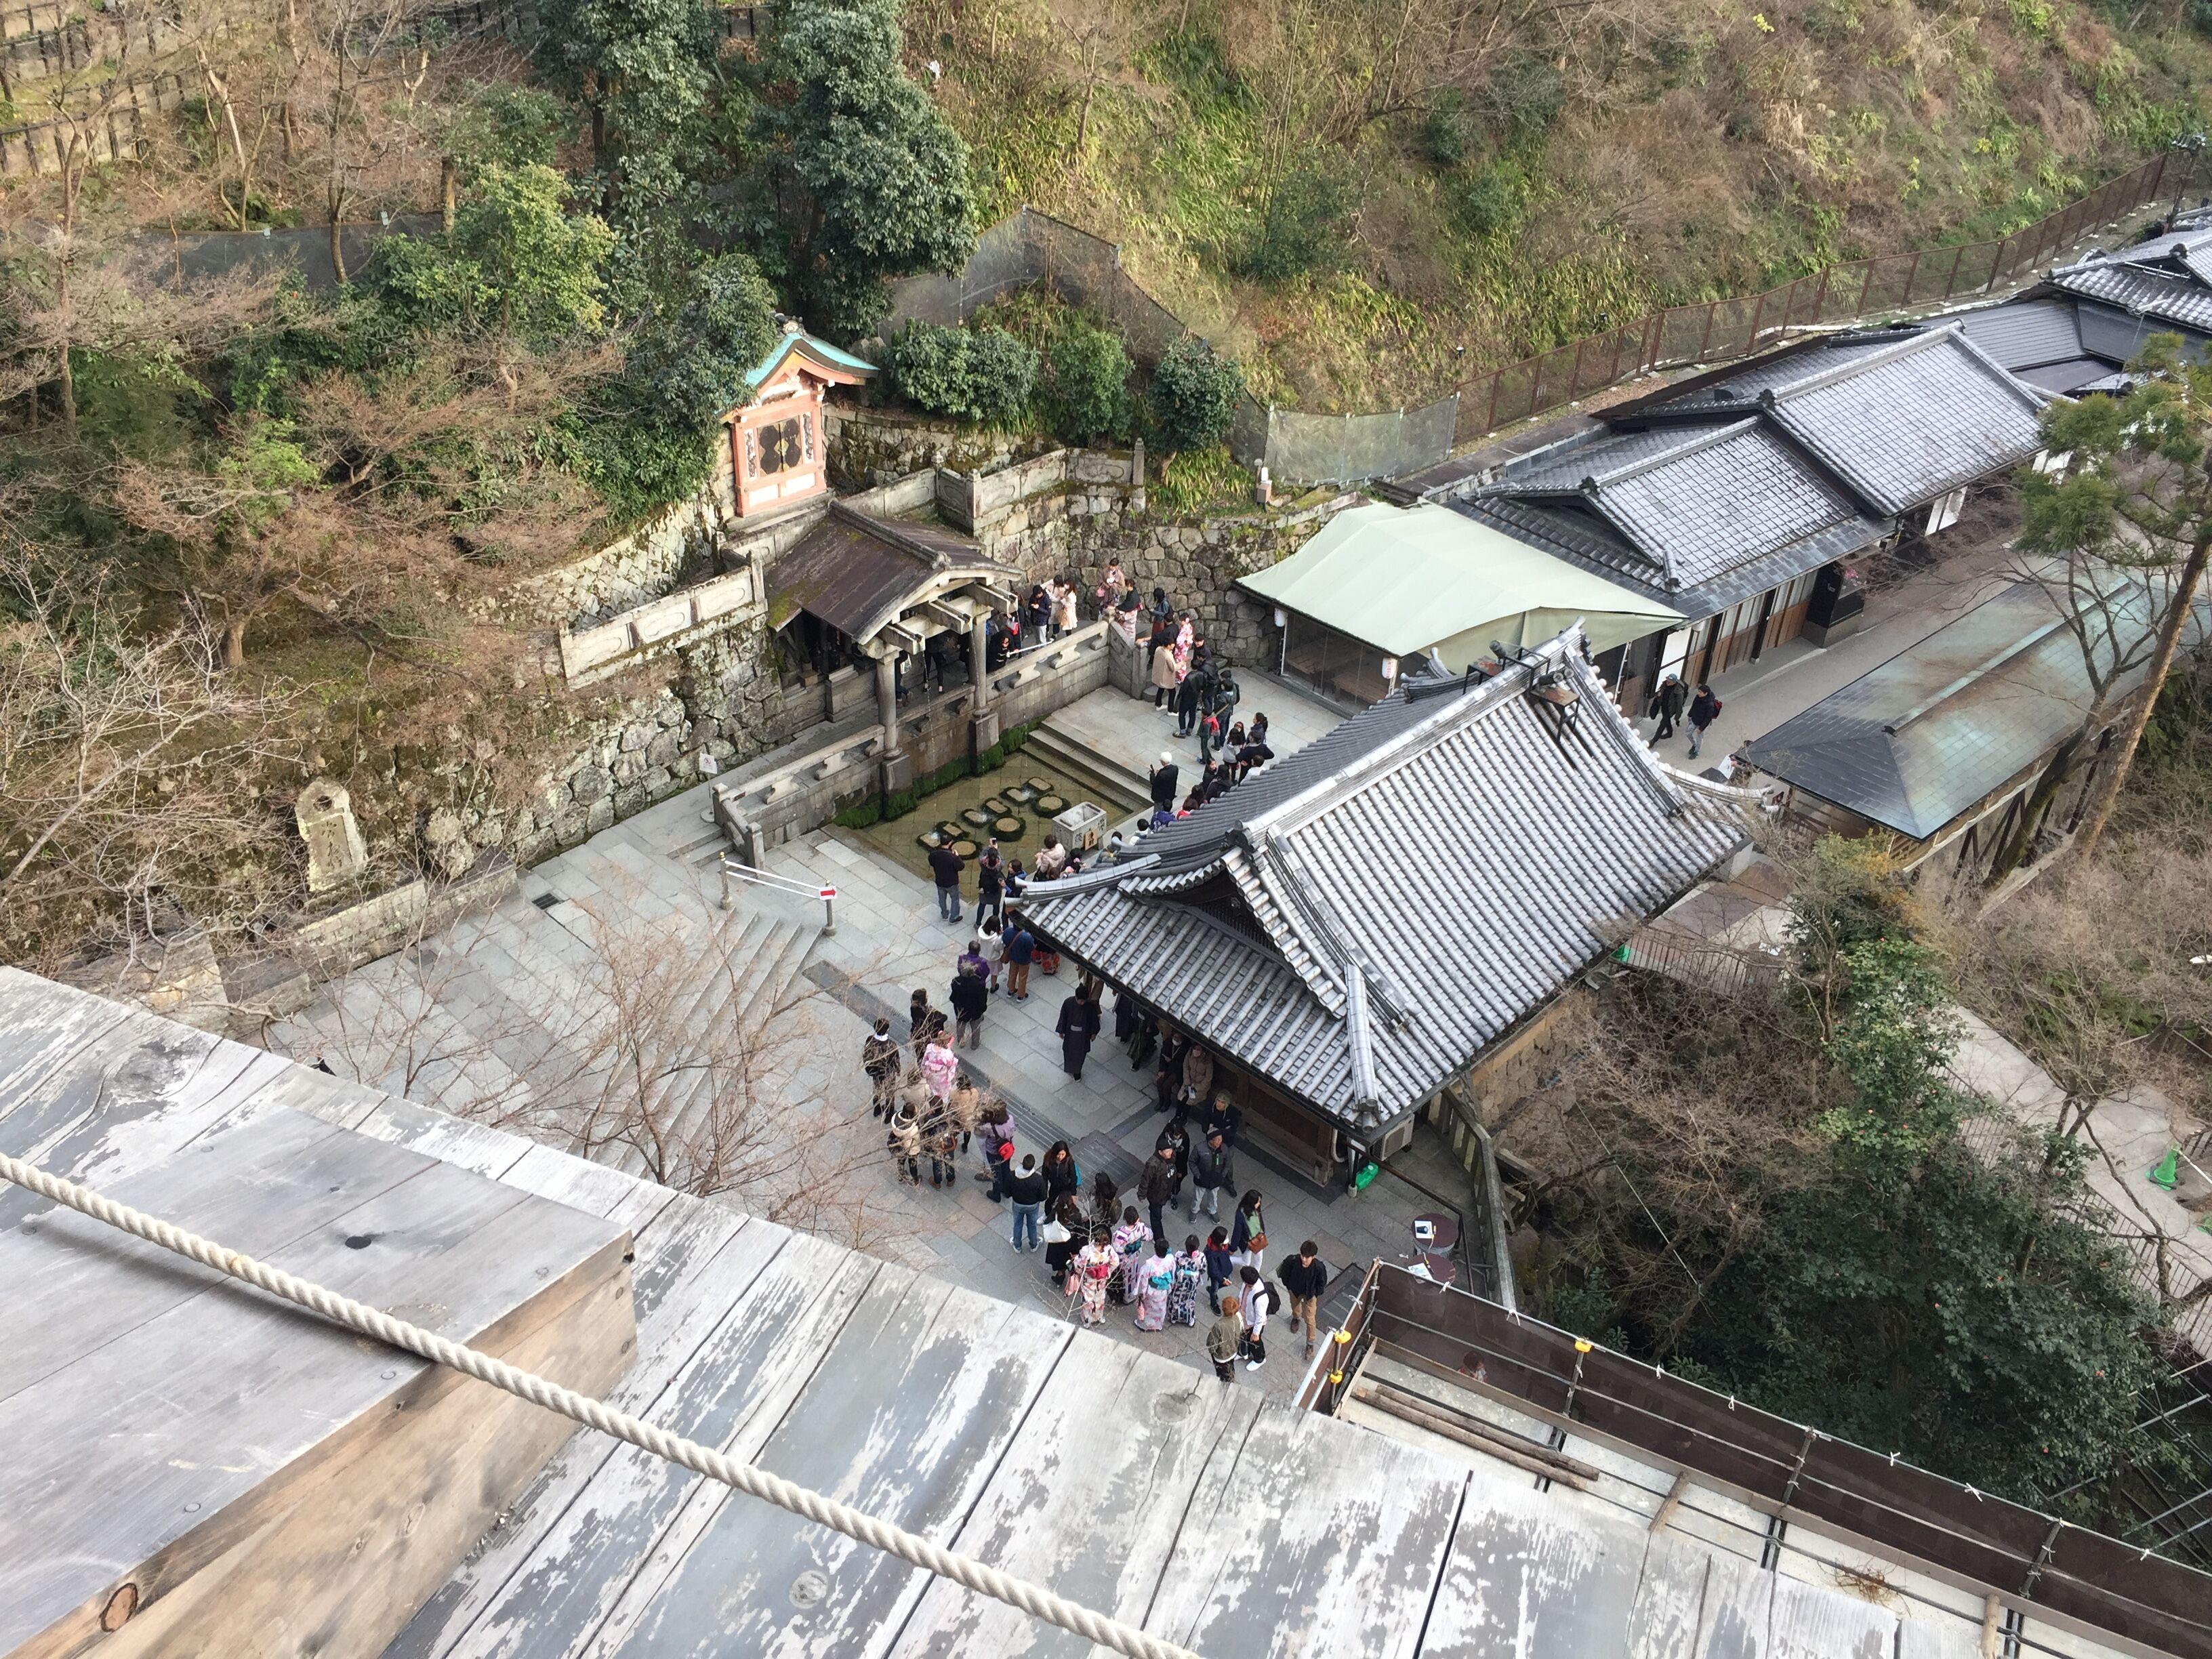 清水寺,一个去京都的人必会去打卡的景点,因为它的音羽瀑布而出名,三